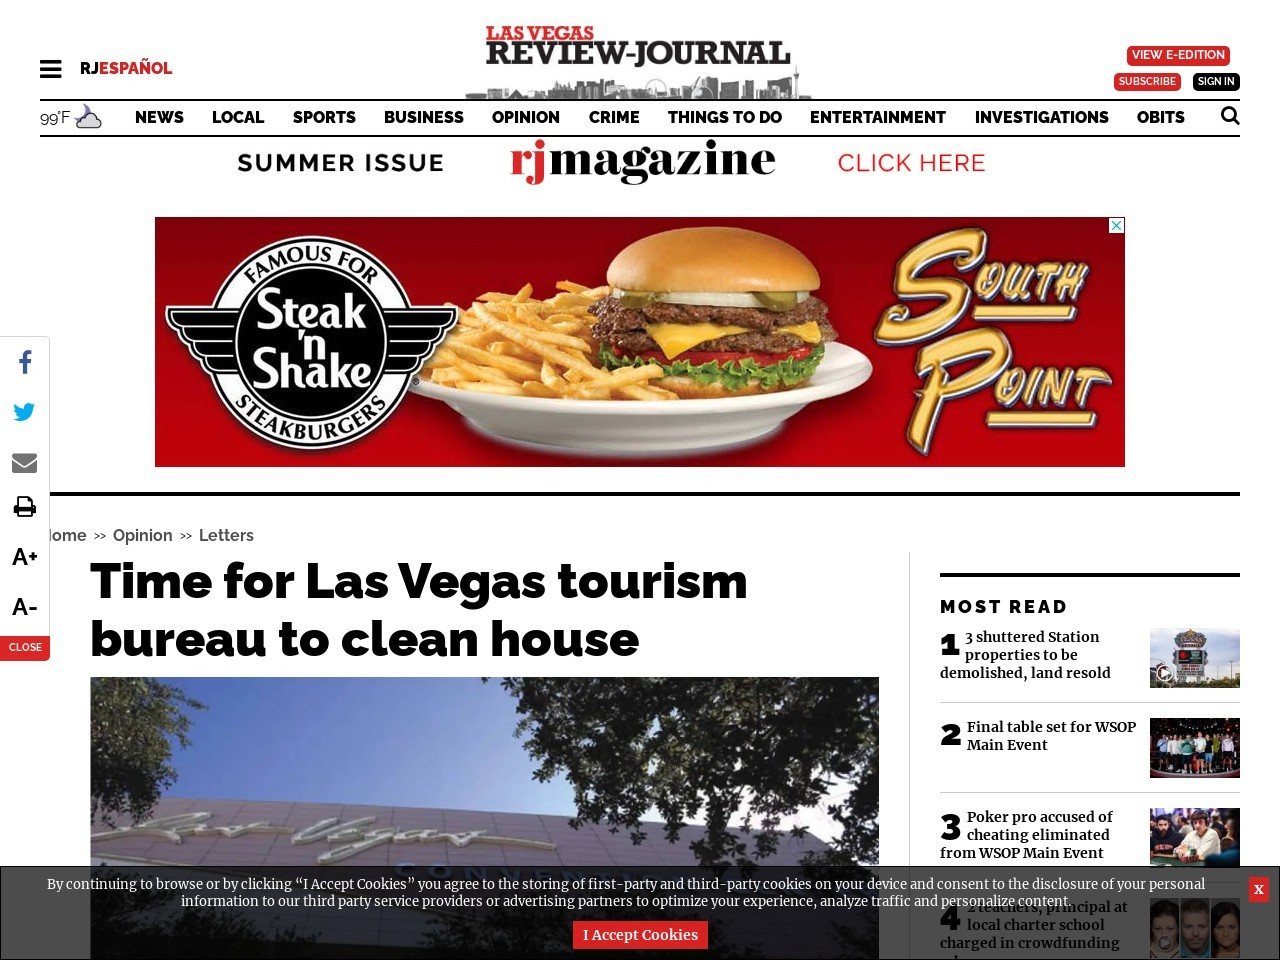 Time for Las Vegas tourism bureau to clean house